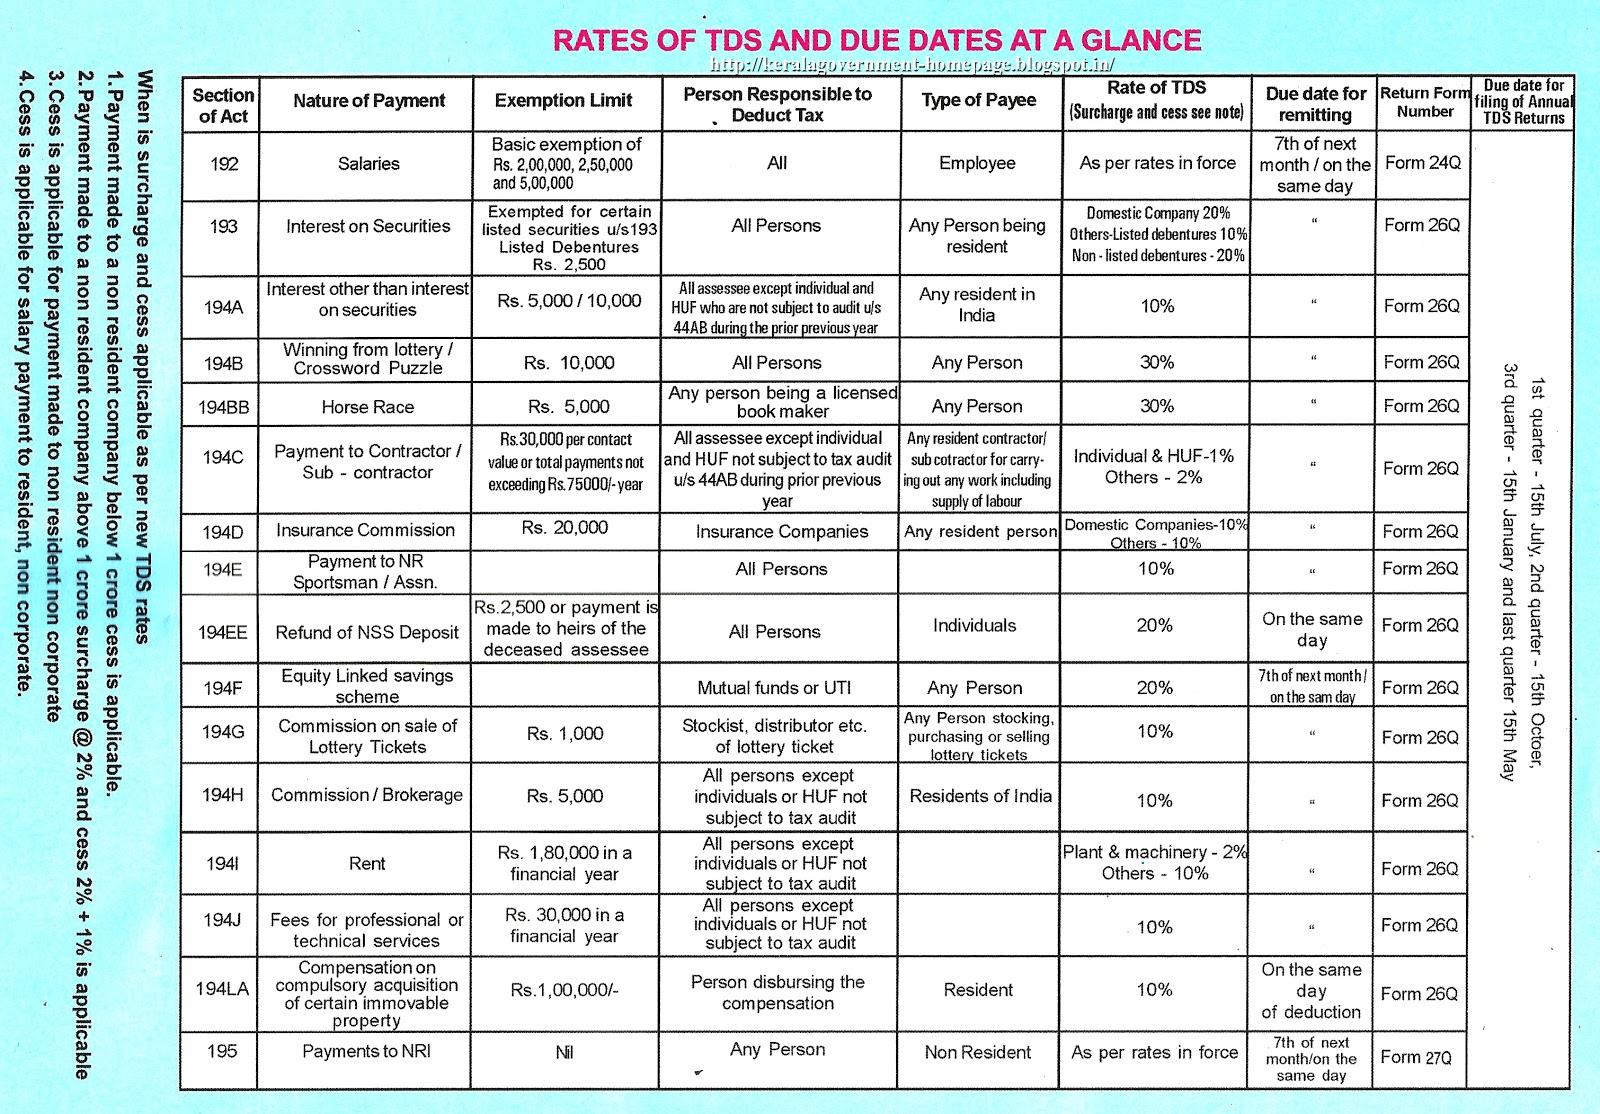 2013 Income Tax Schedule  2013 E File Refund Dates  2013 Federal Tax